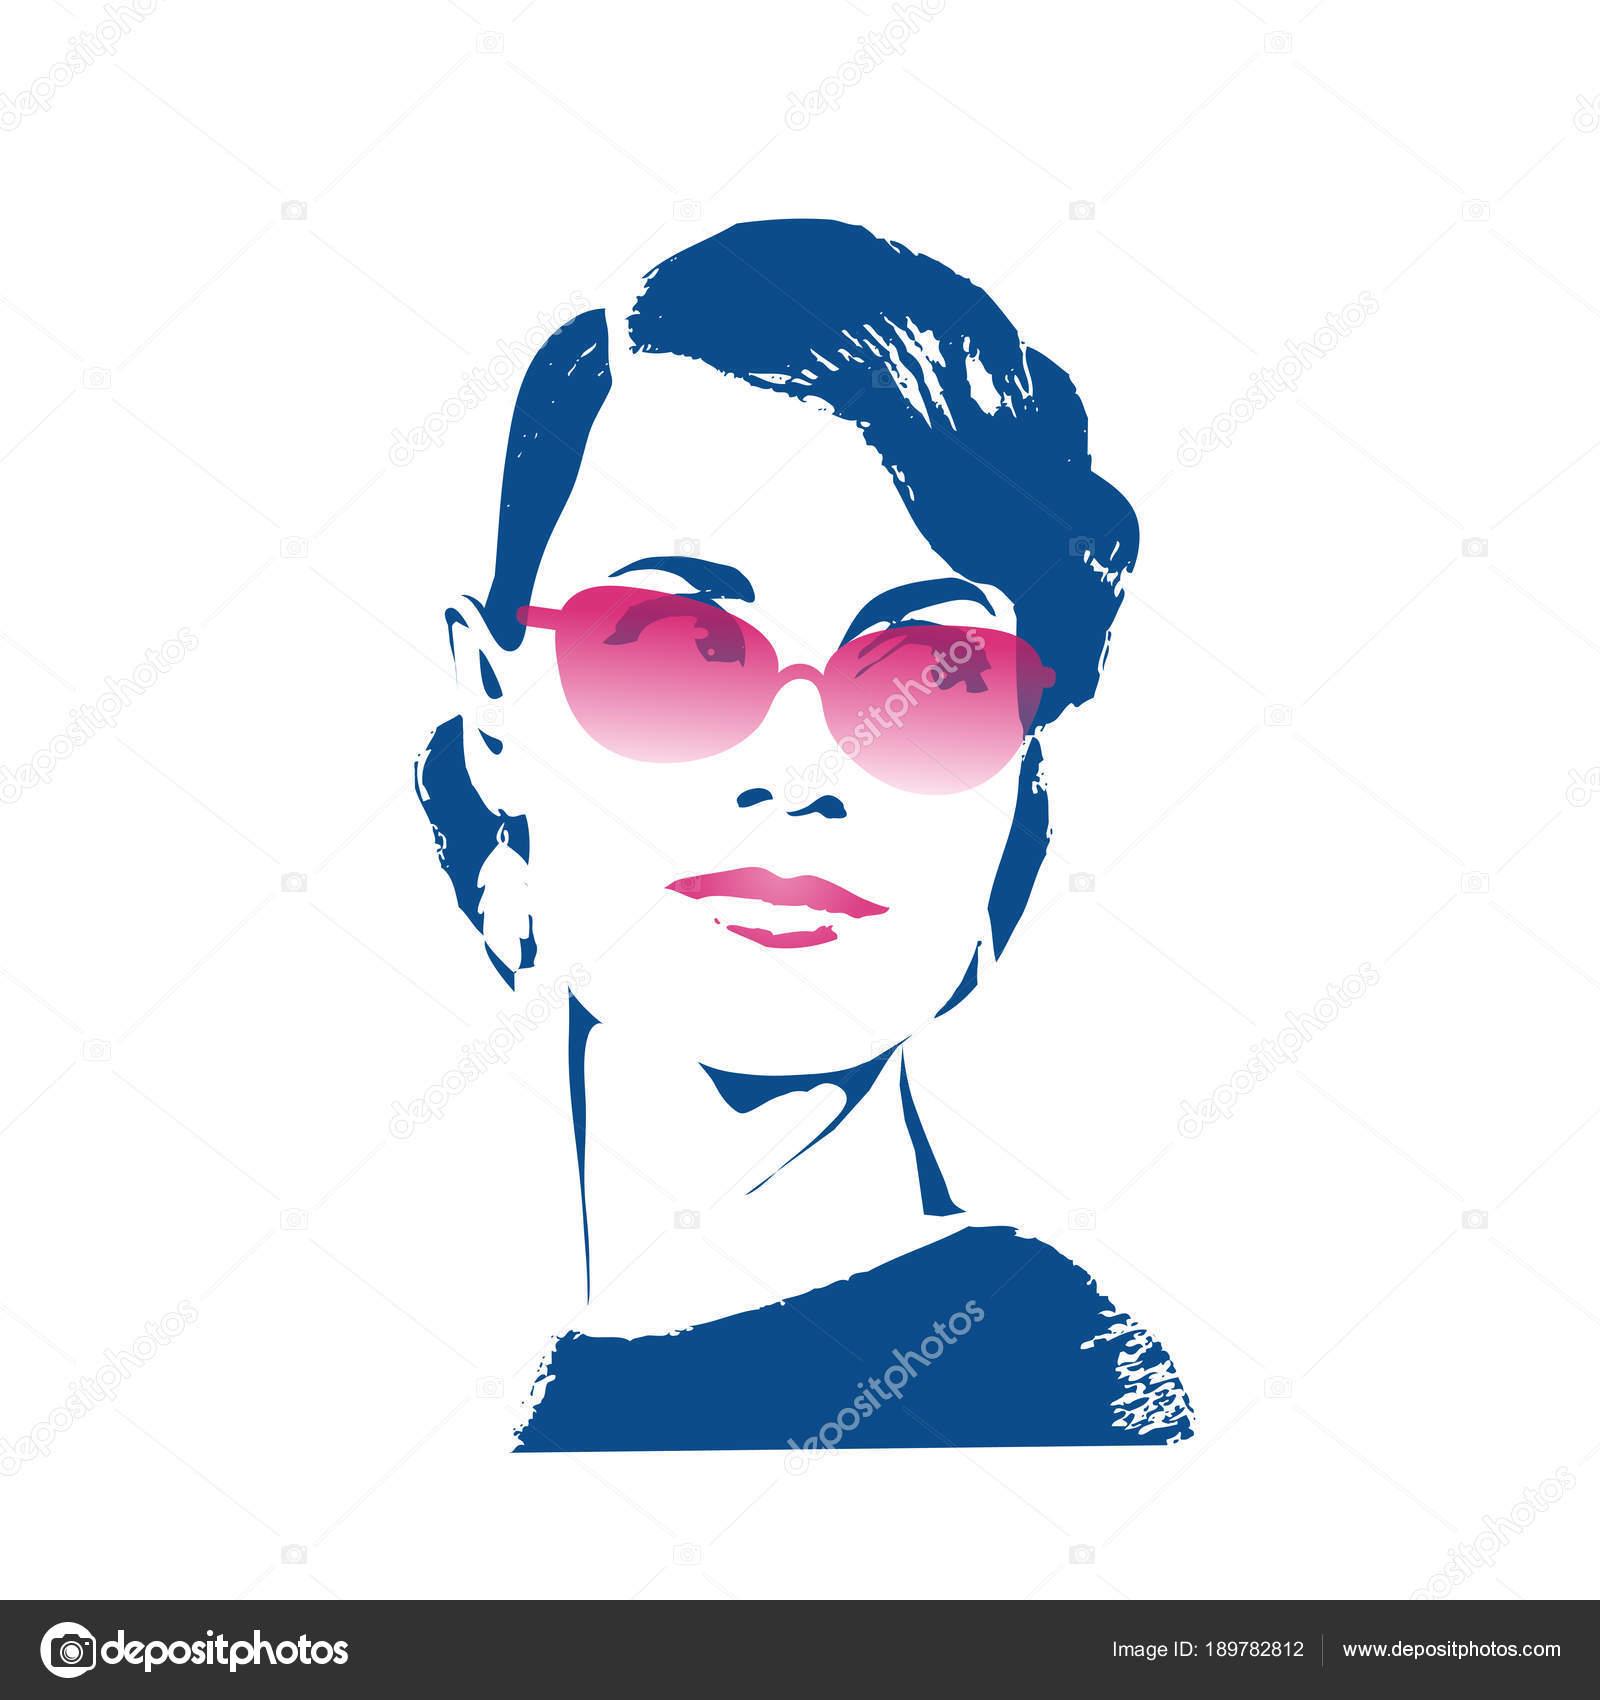 Ritratto femminile isolato su priorità bassa bianca. Bella ragazza in  occhiali da sole rosa millefoglie con uno stile in stile retrò. Manifesto di  grafici ... cedcb37235a2